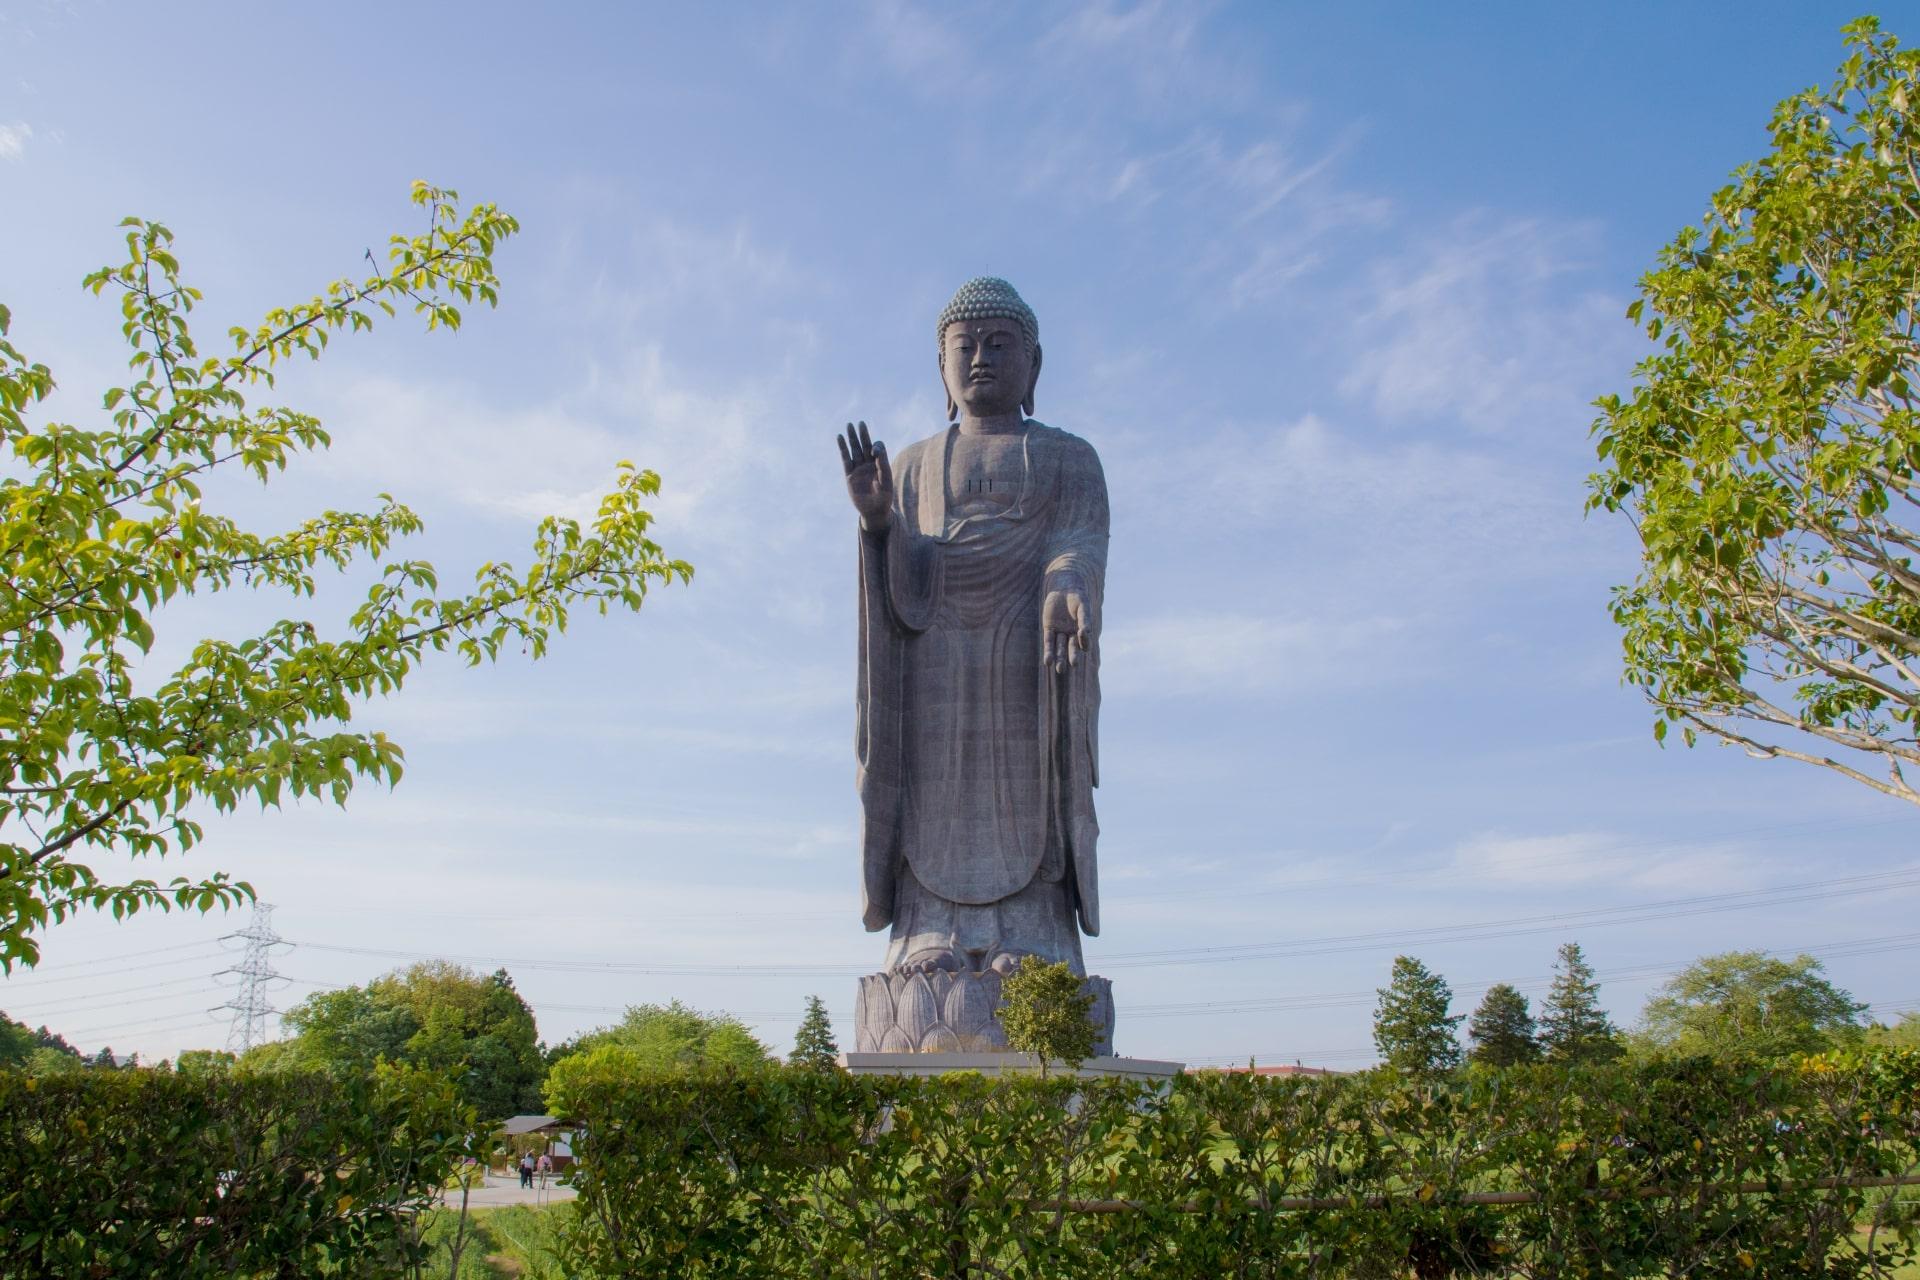 Ushiku Daibutsu Buddha